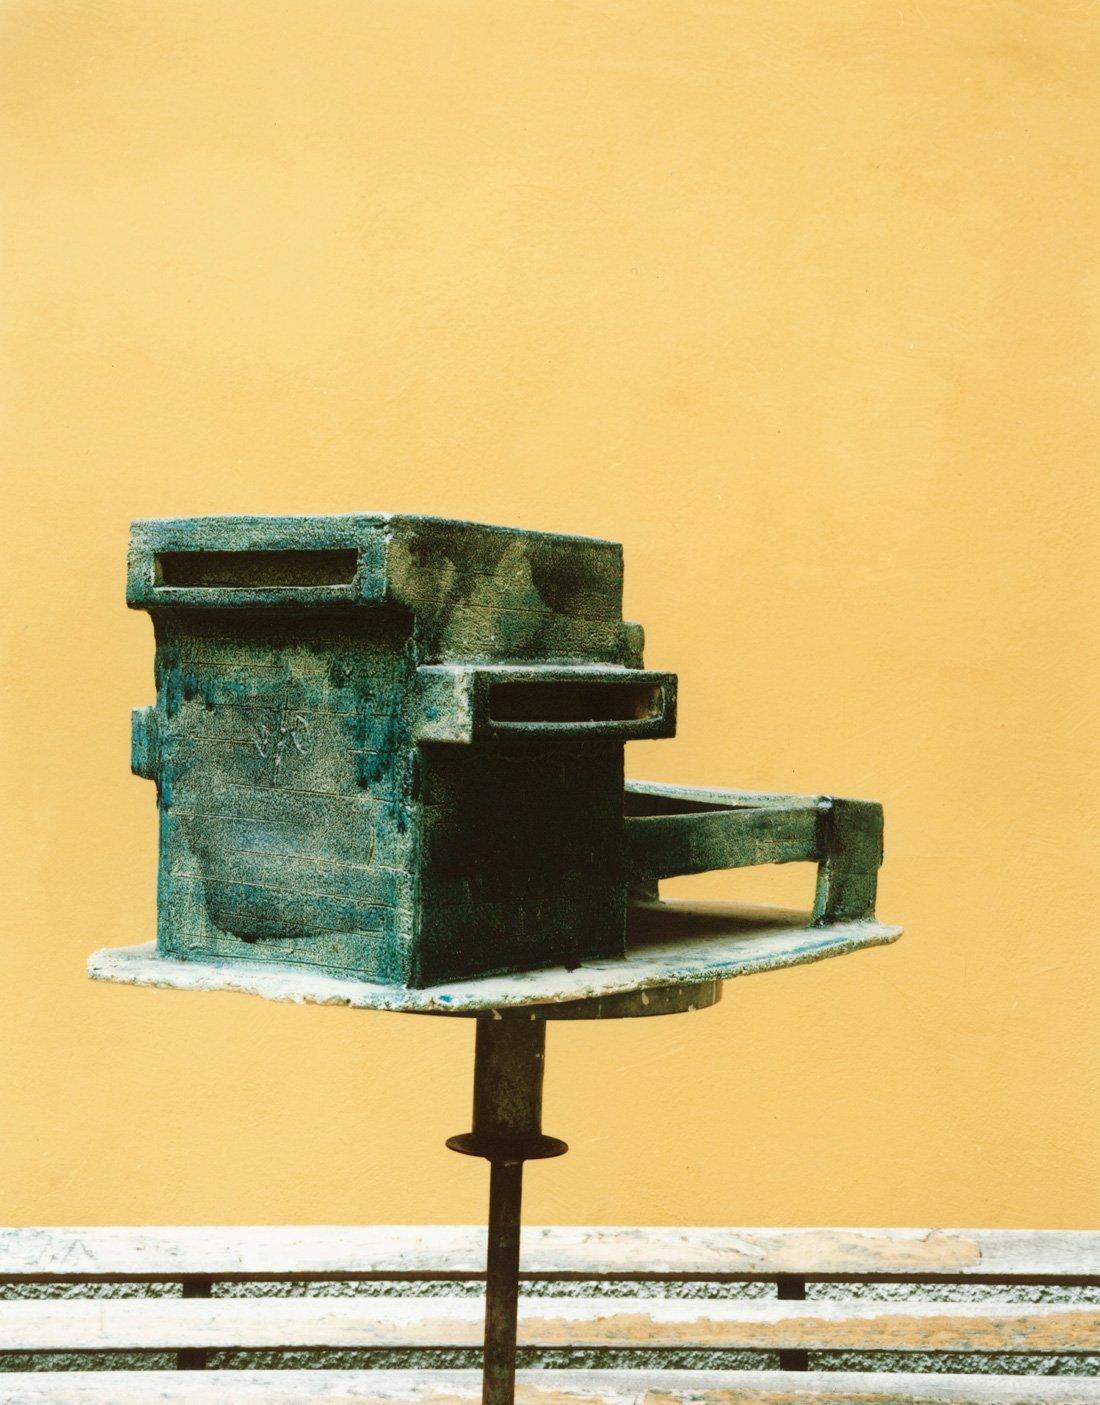 Ceramic model by the artist Danilo Trogu